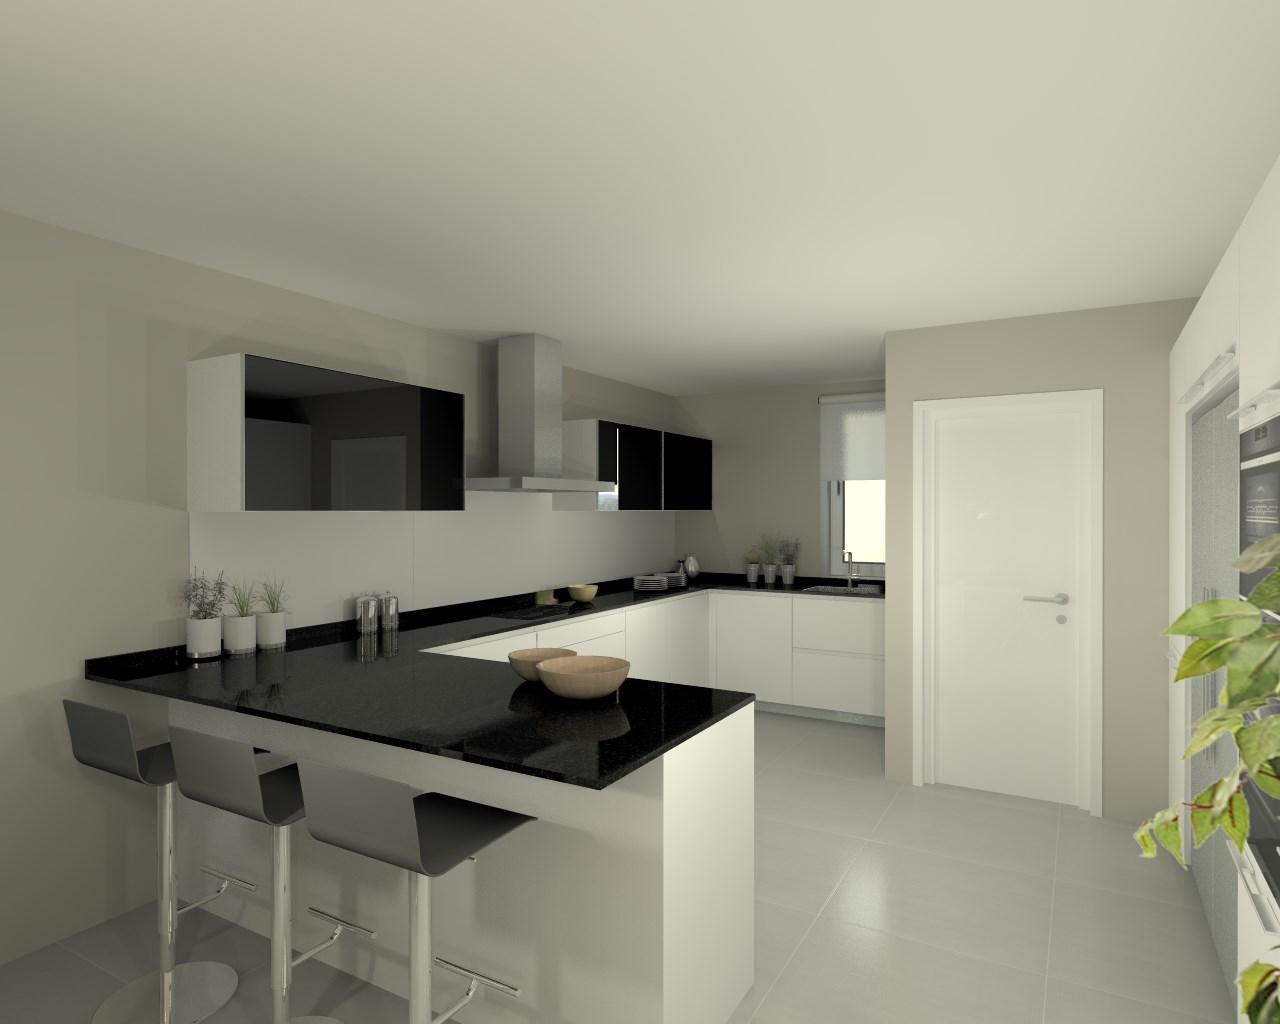 Proyectos de cocinas docrys cocinas for Muebles de cocina negro